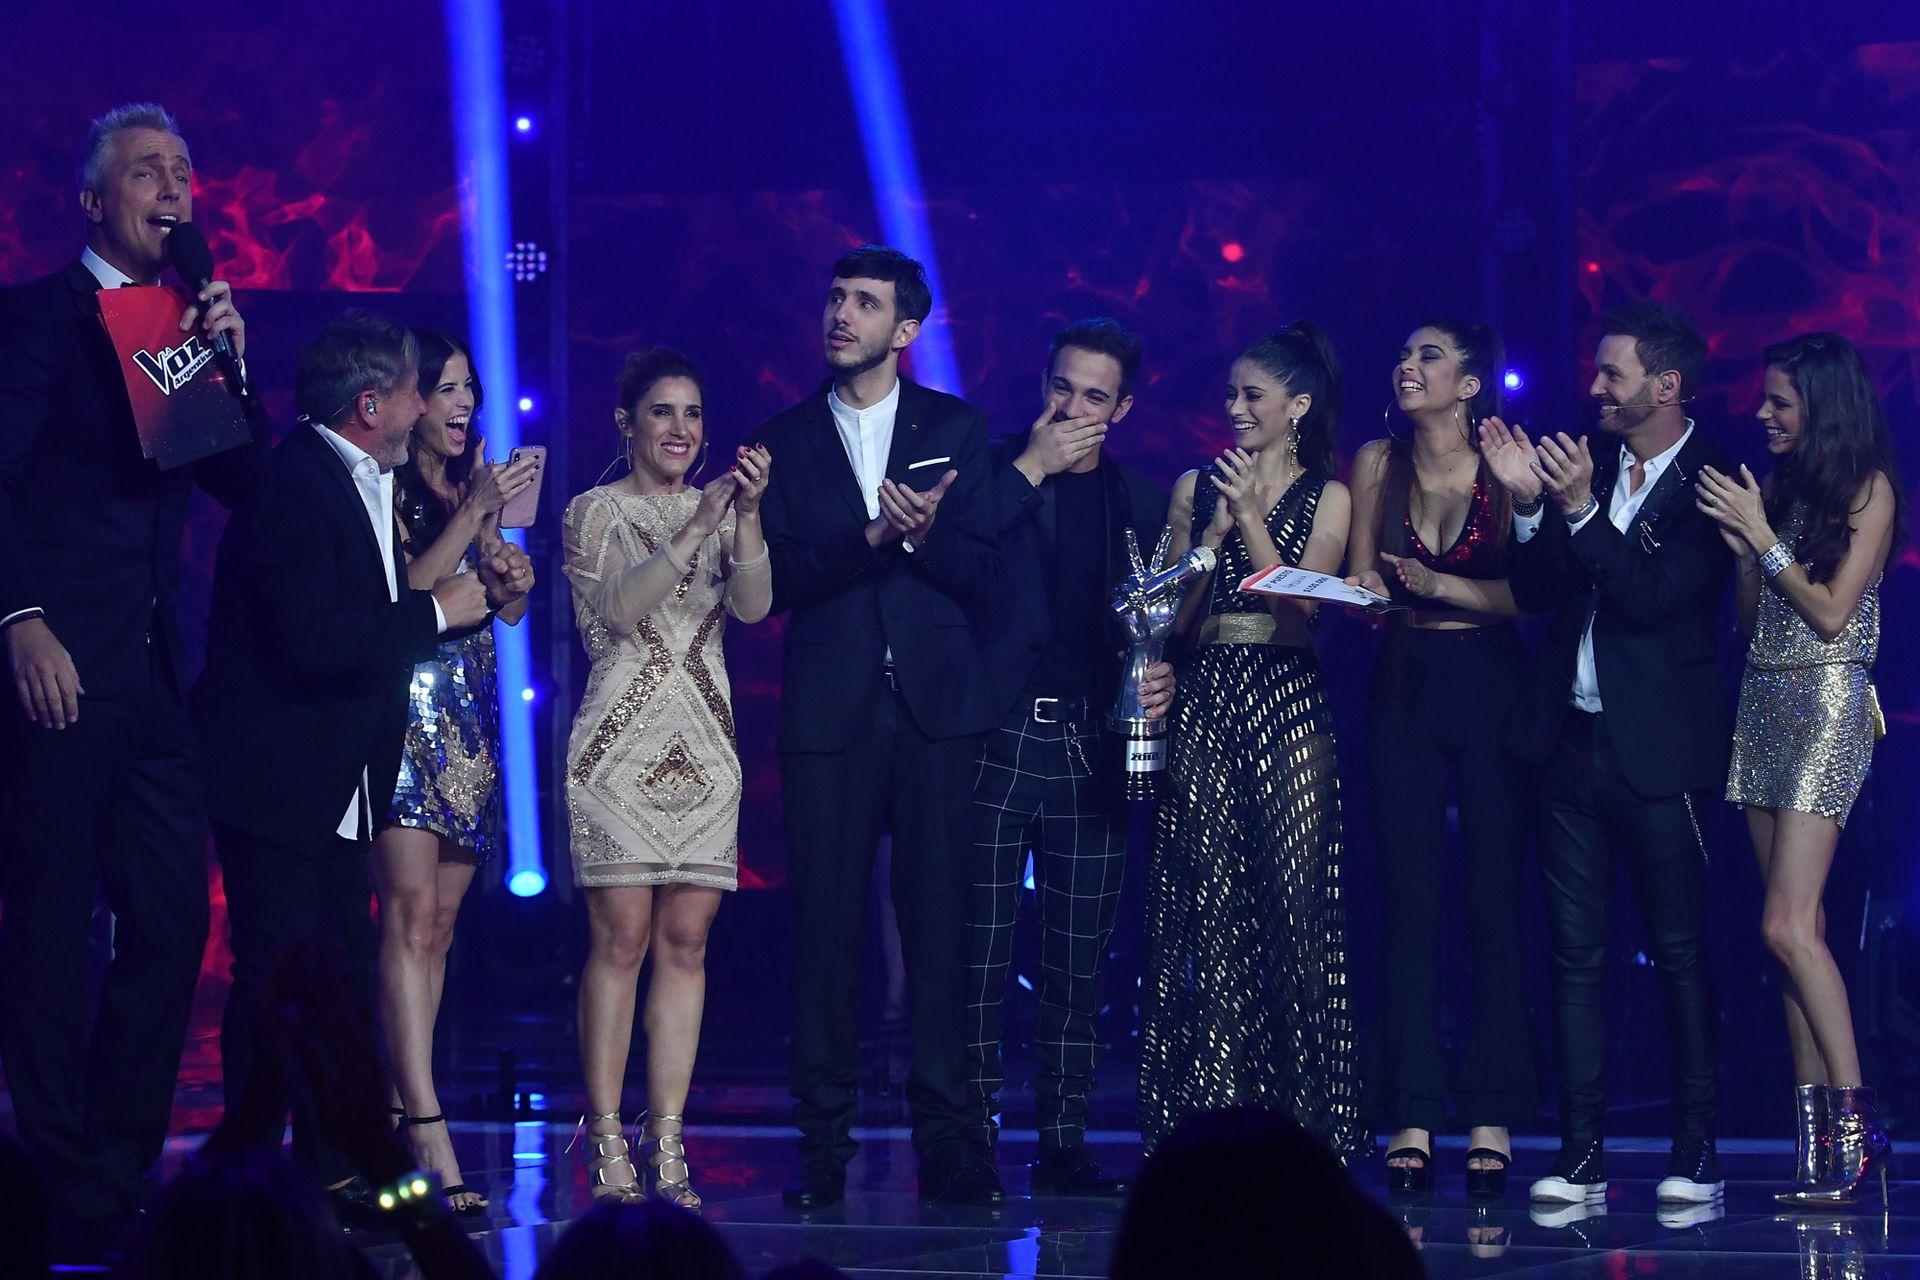 Marley junto al ganador y los finalistas de La voz argentina